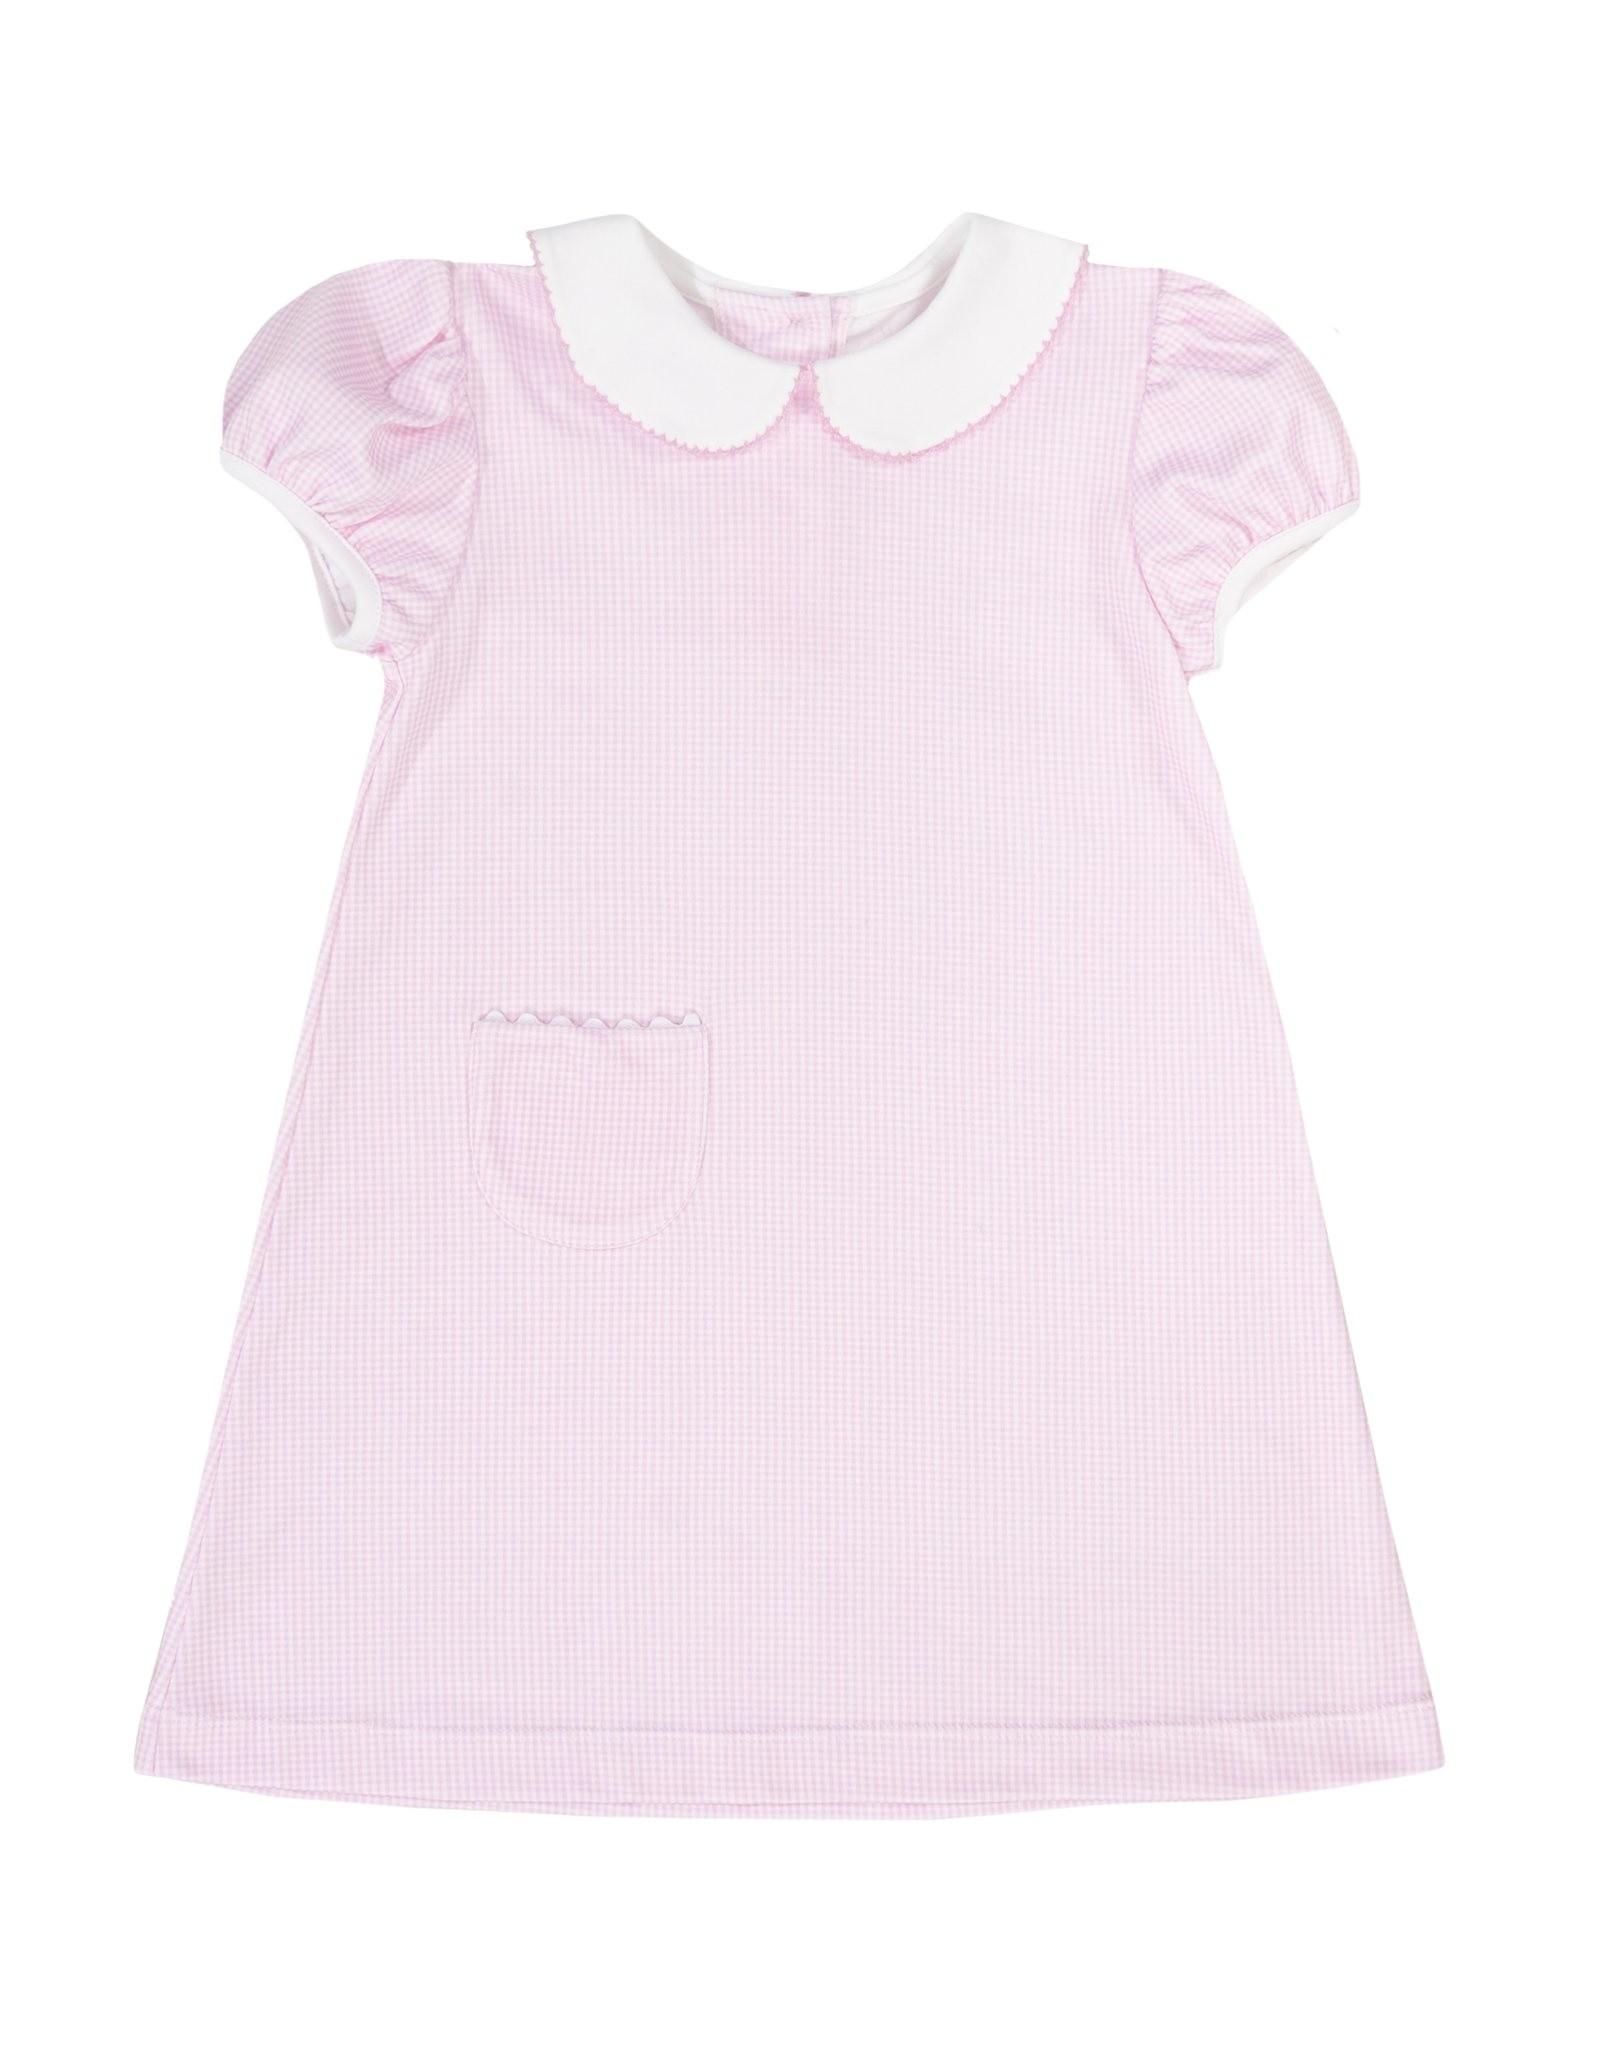 LullabySet 1956 Pocket Dress Pink Gingham Colorful Fun